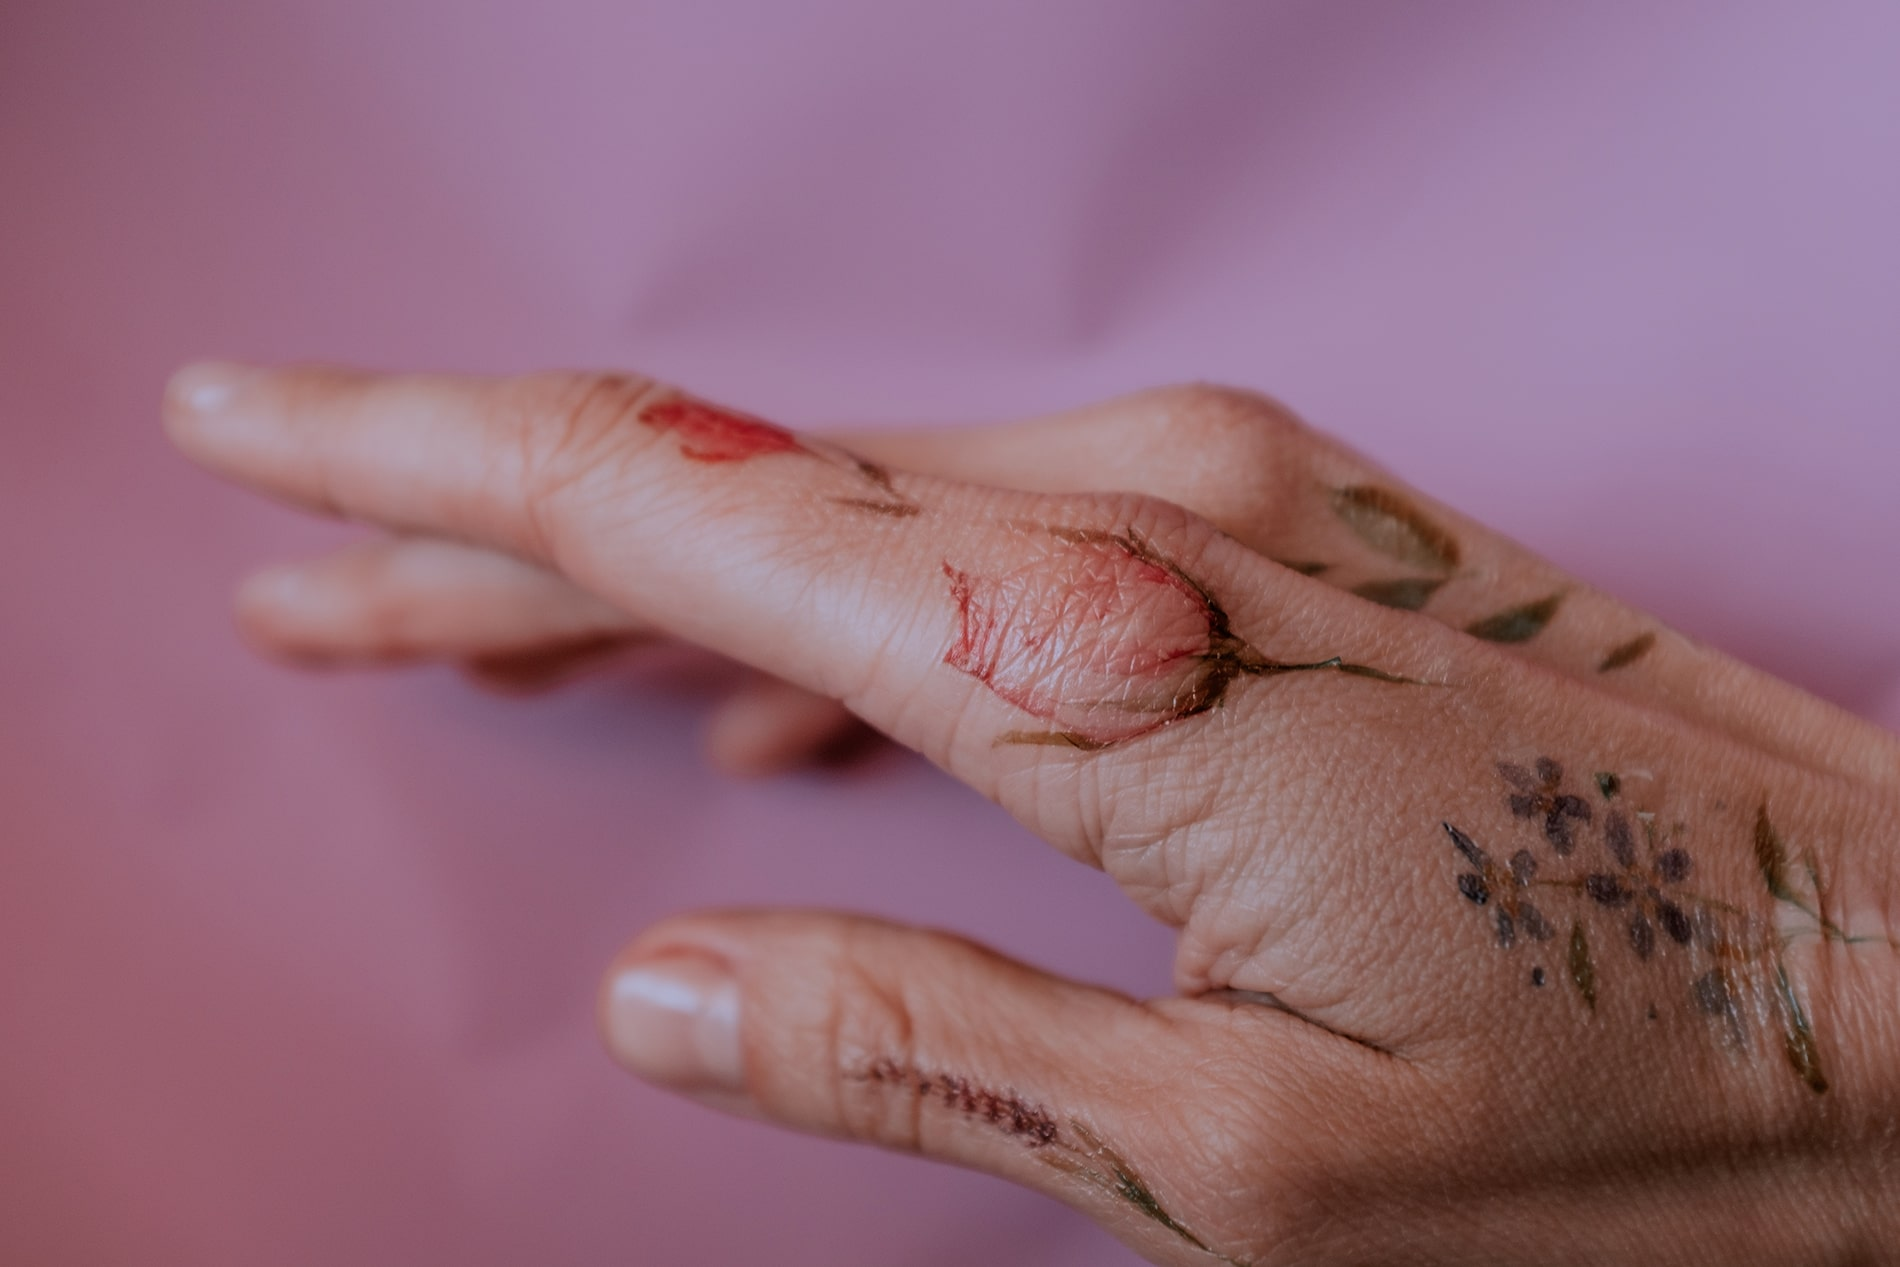 Cicatriser son tatouage de manière naturelle